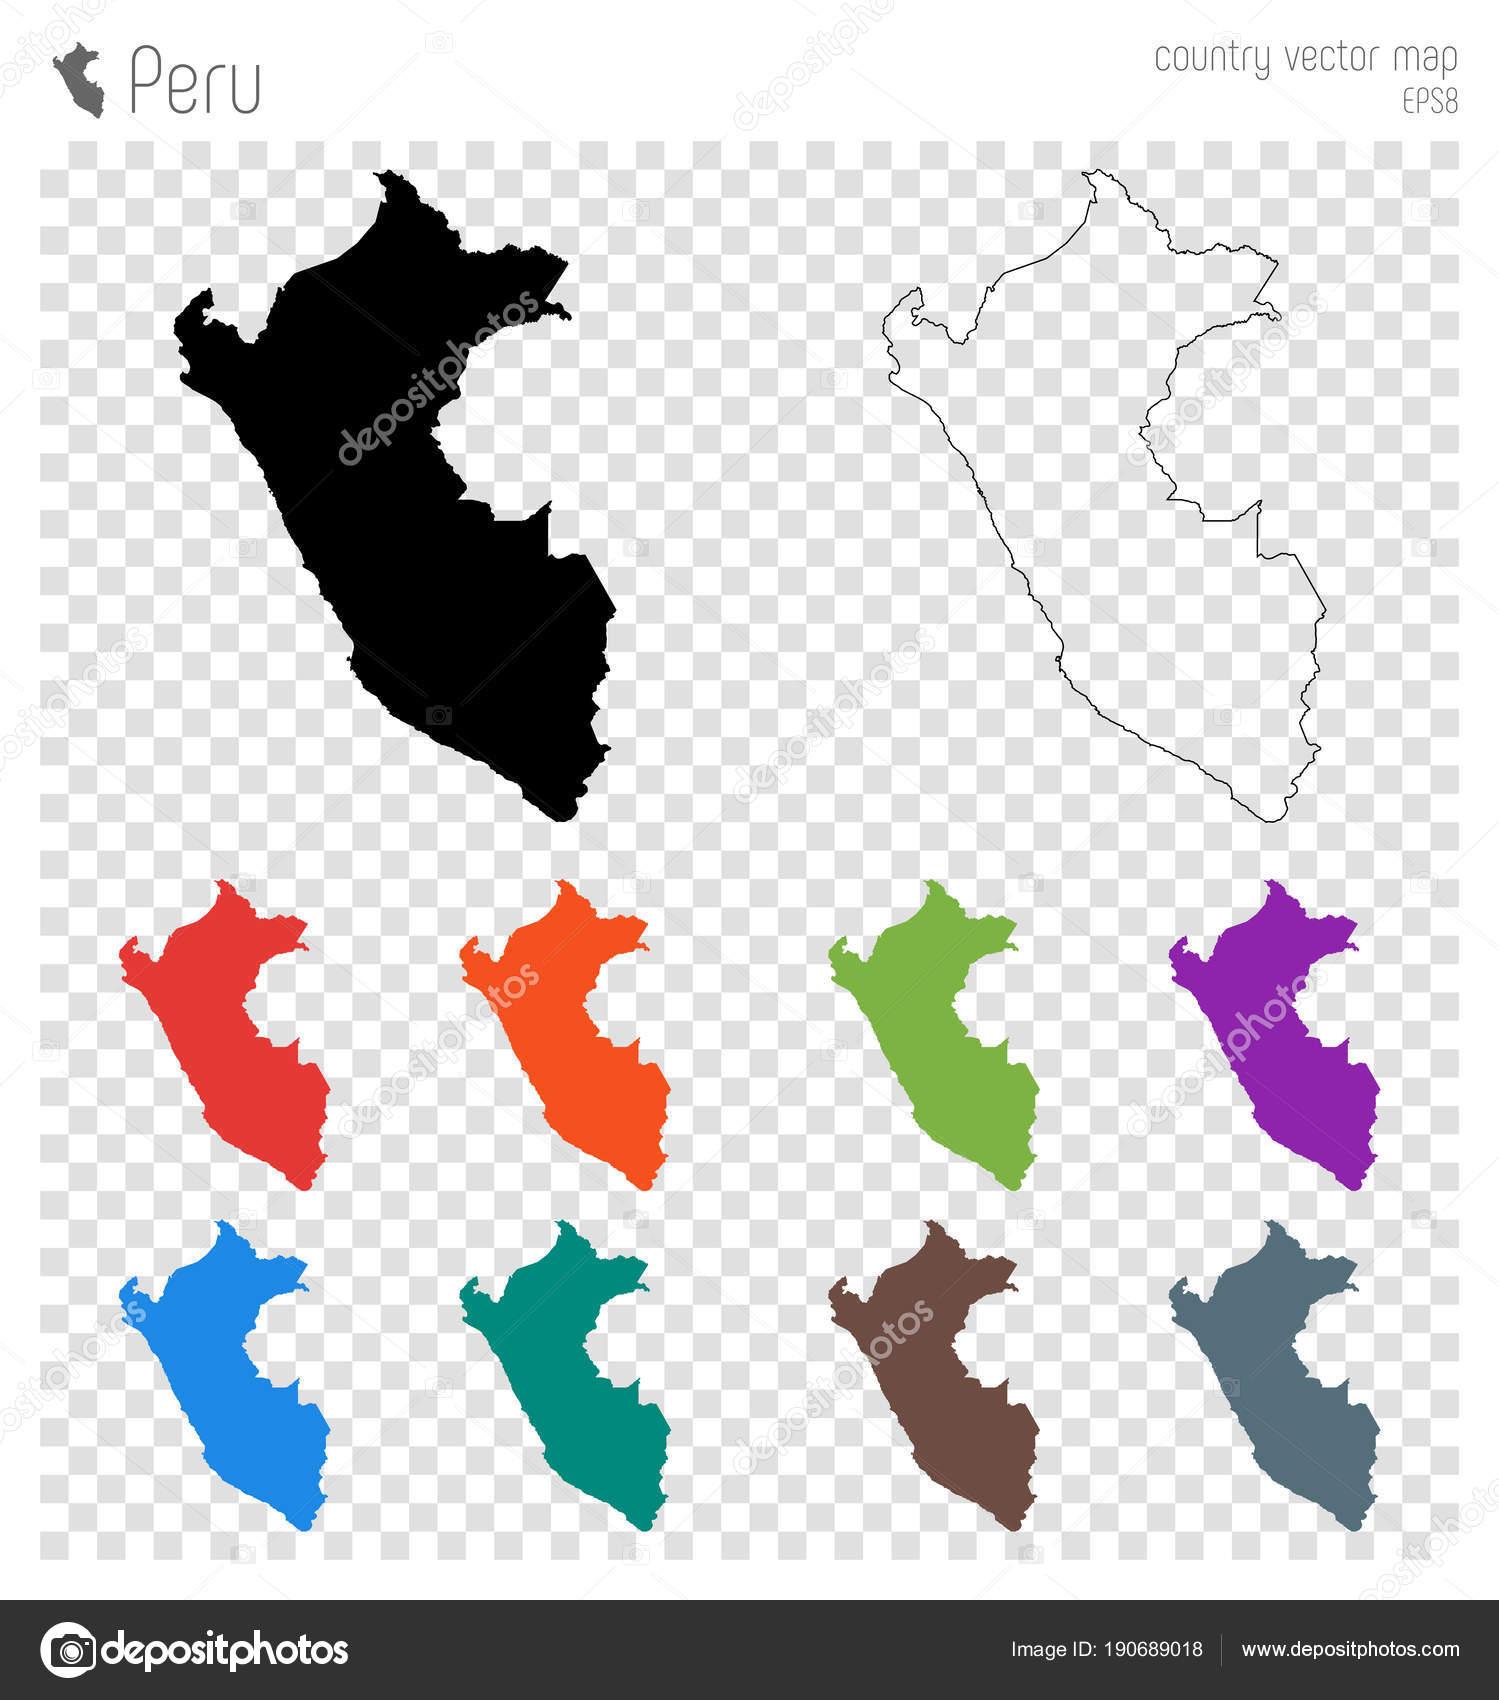 Peru Karte Umriss.Peru Hoch Detaillierte Karte Land Silhouette Symbol Isoliert